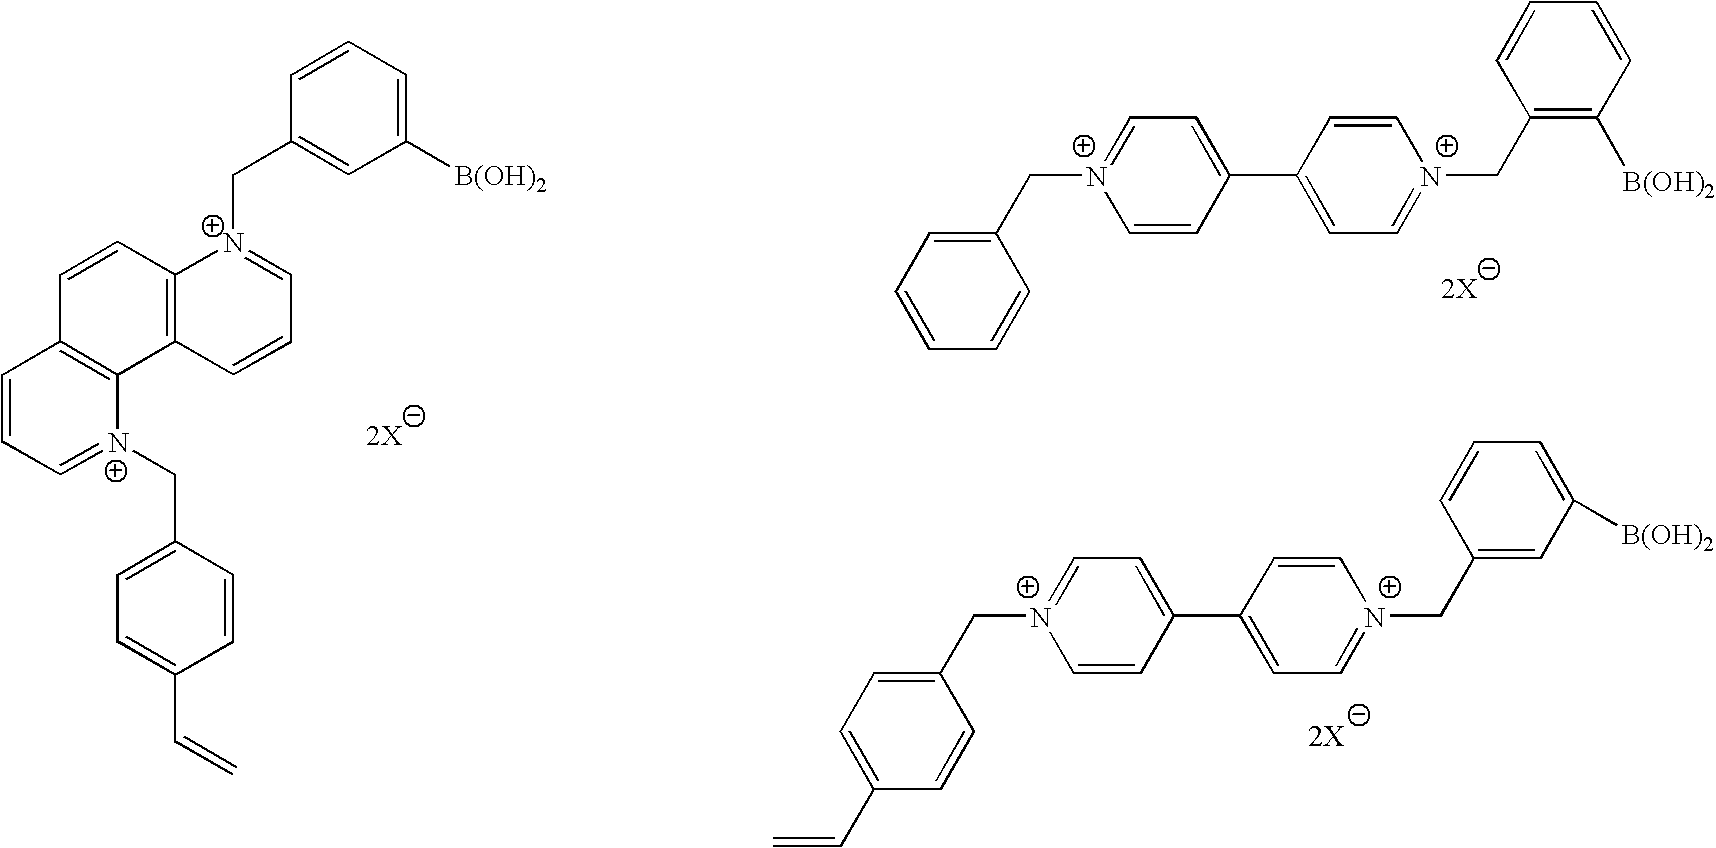 Figure US20040028612A1-20040212-C00044